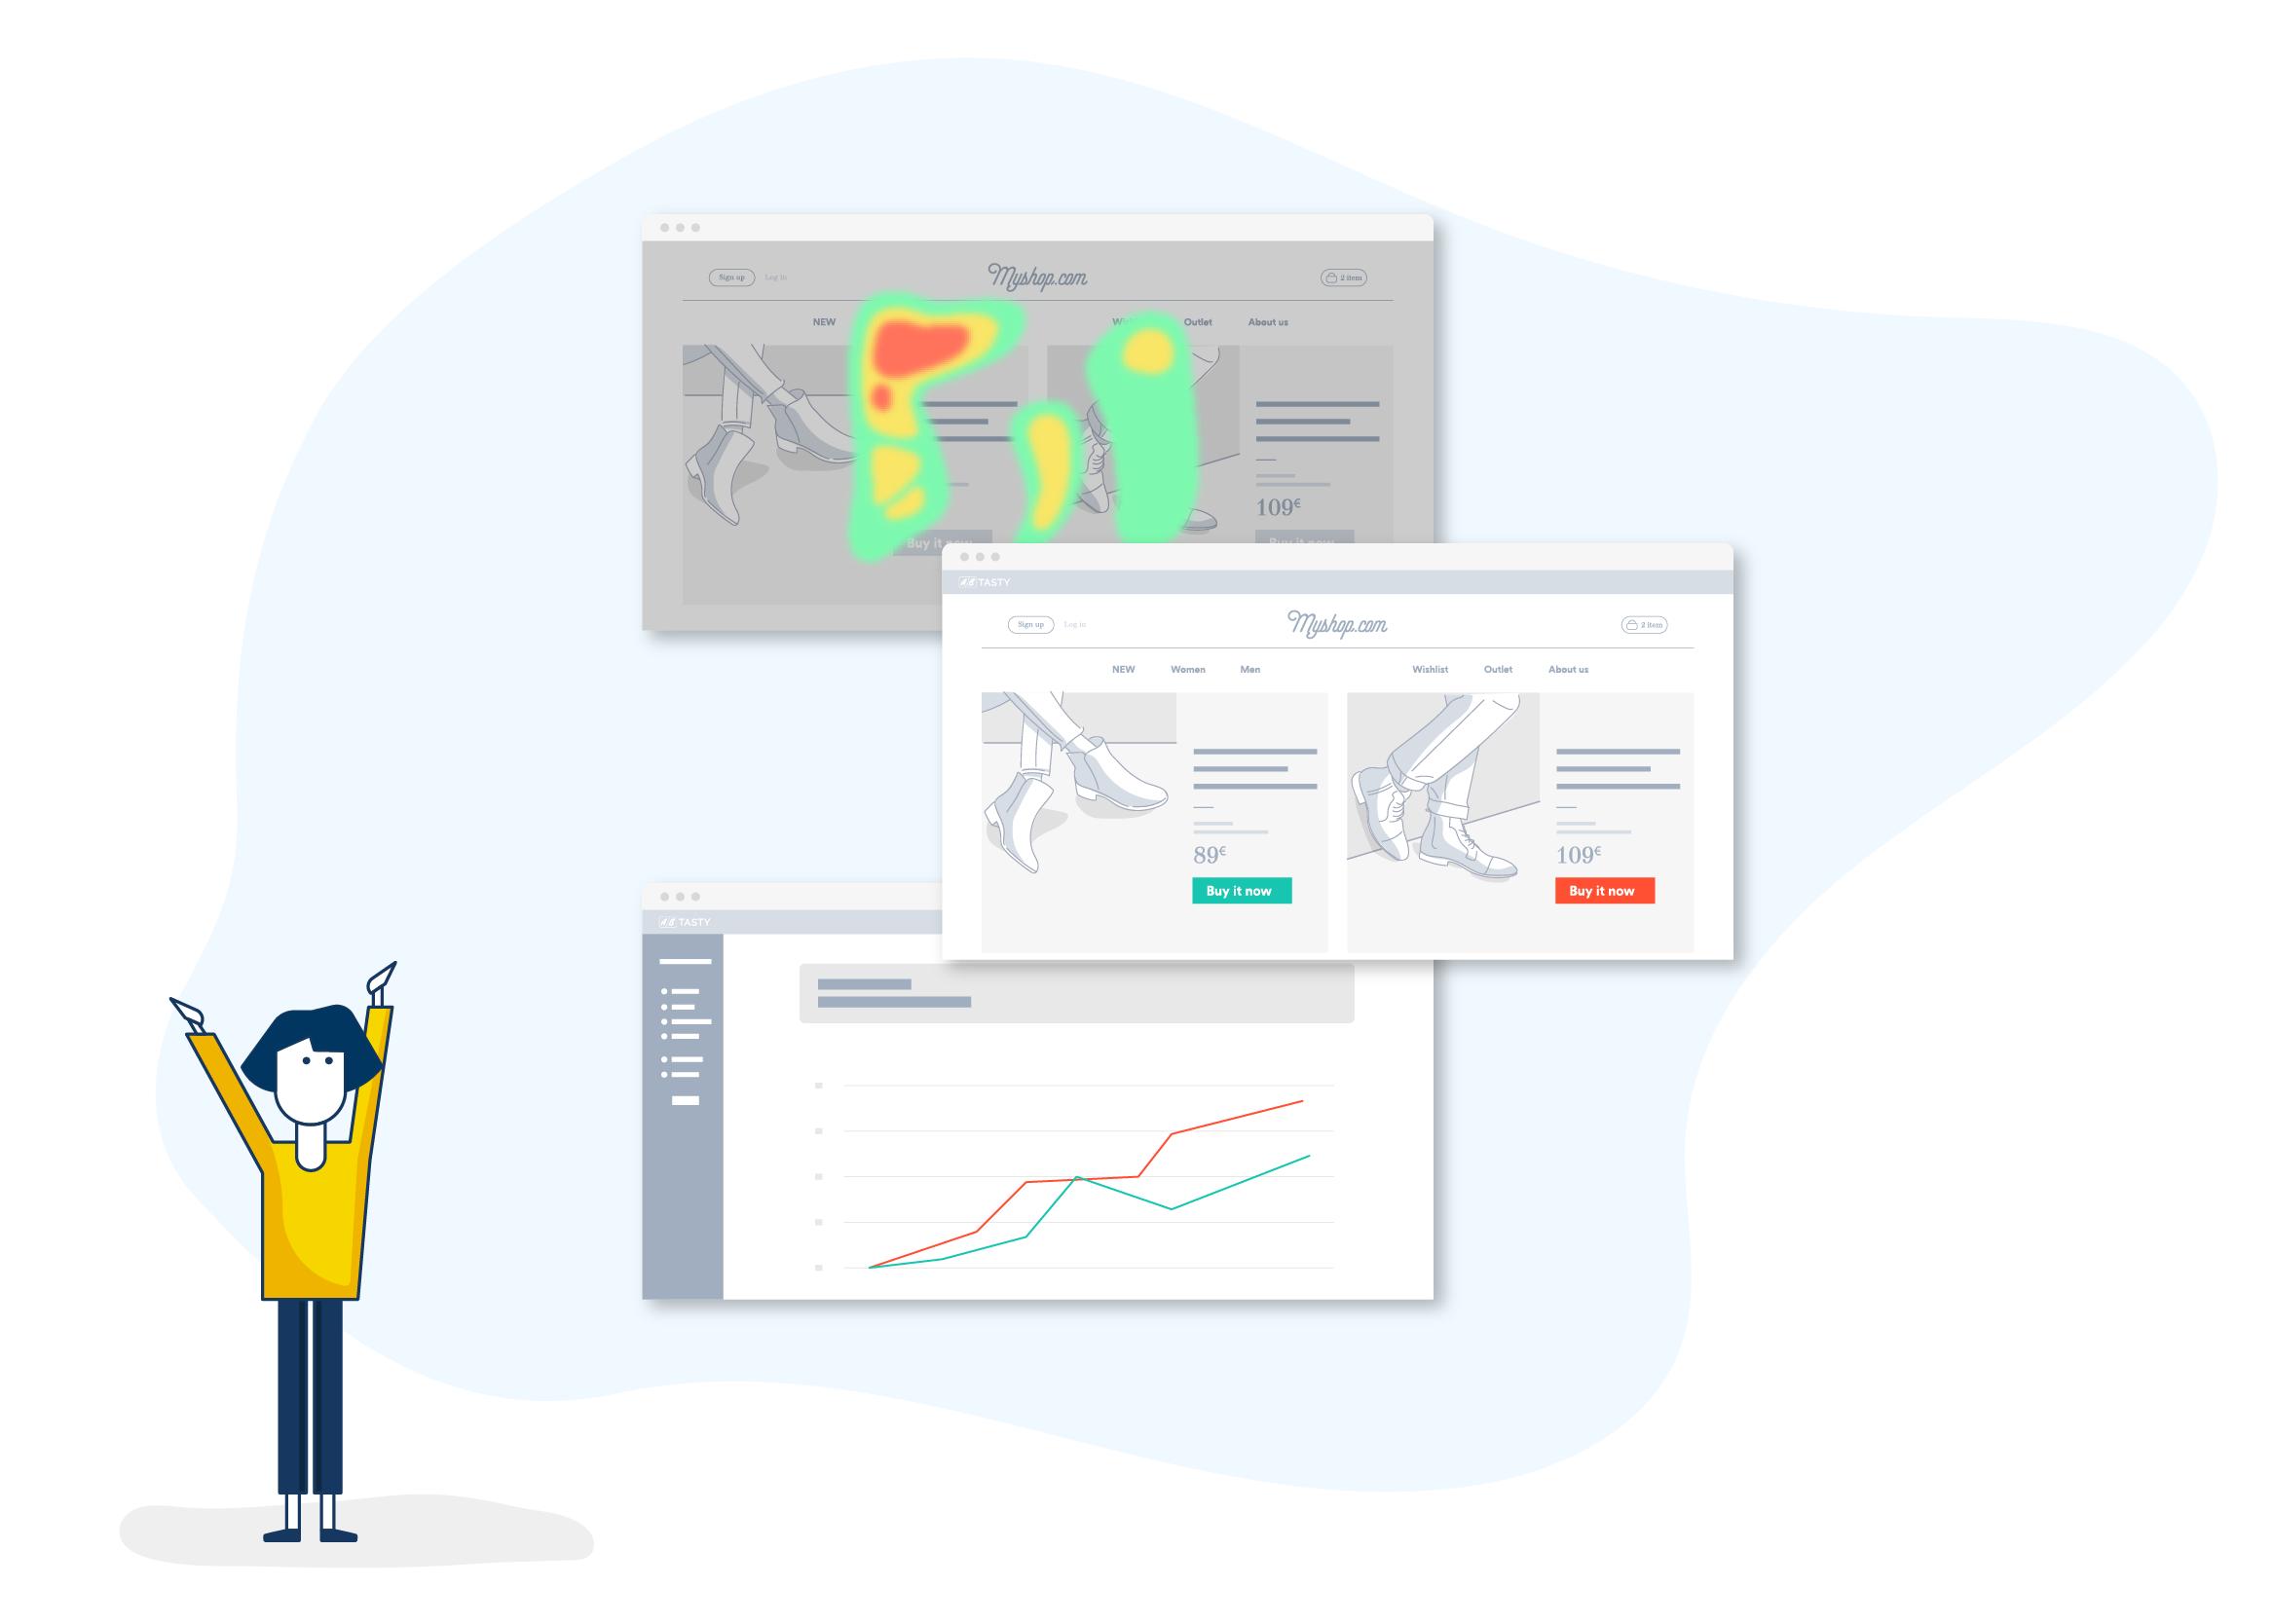 Mit den richtigen User Insights zur erfolgreichen Personalisierung